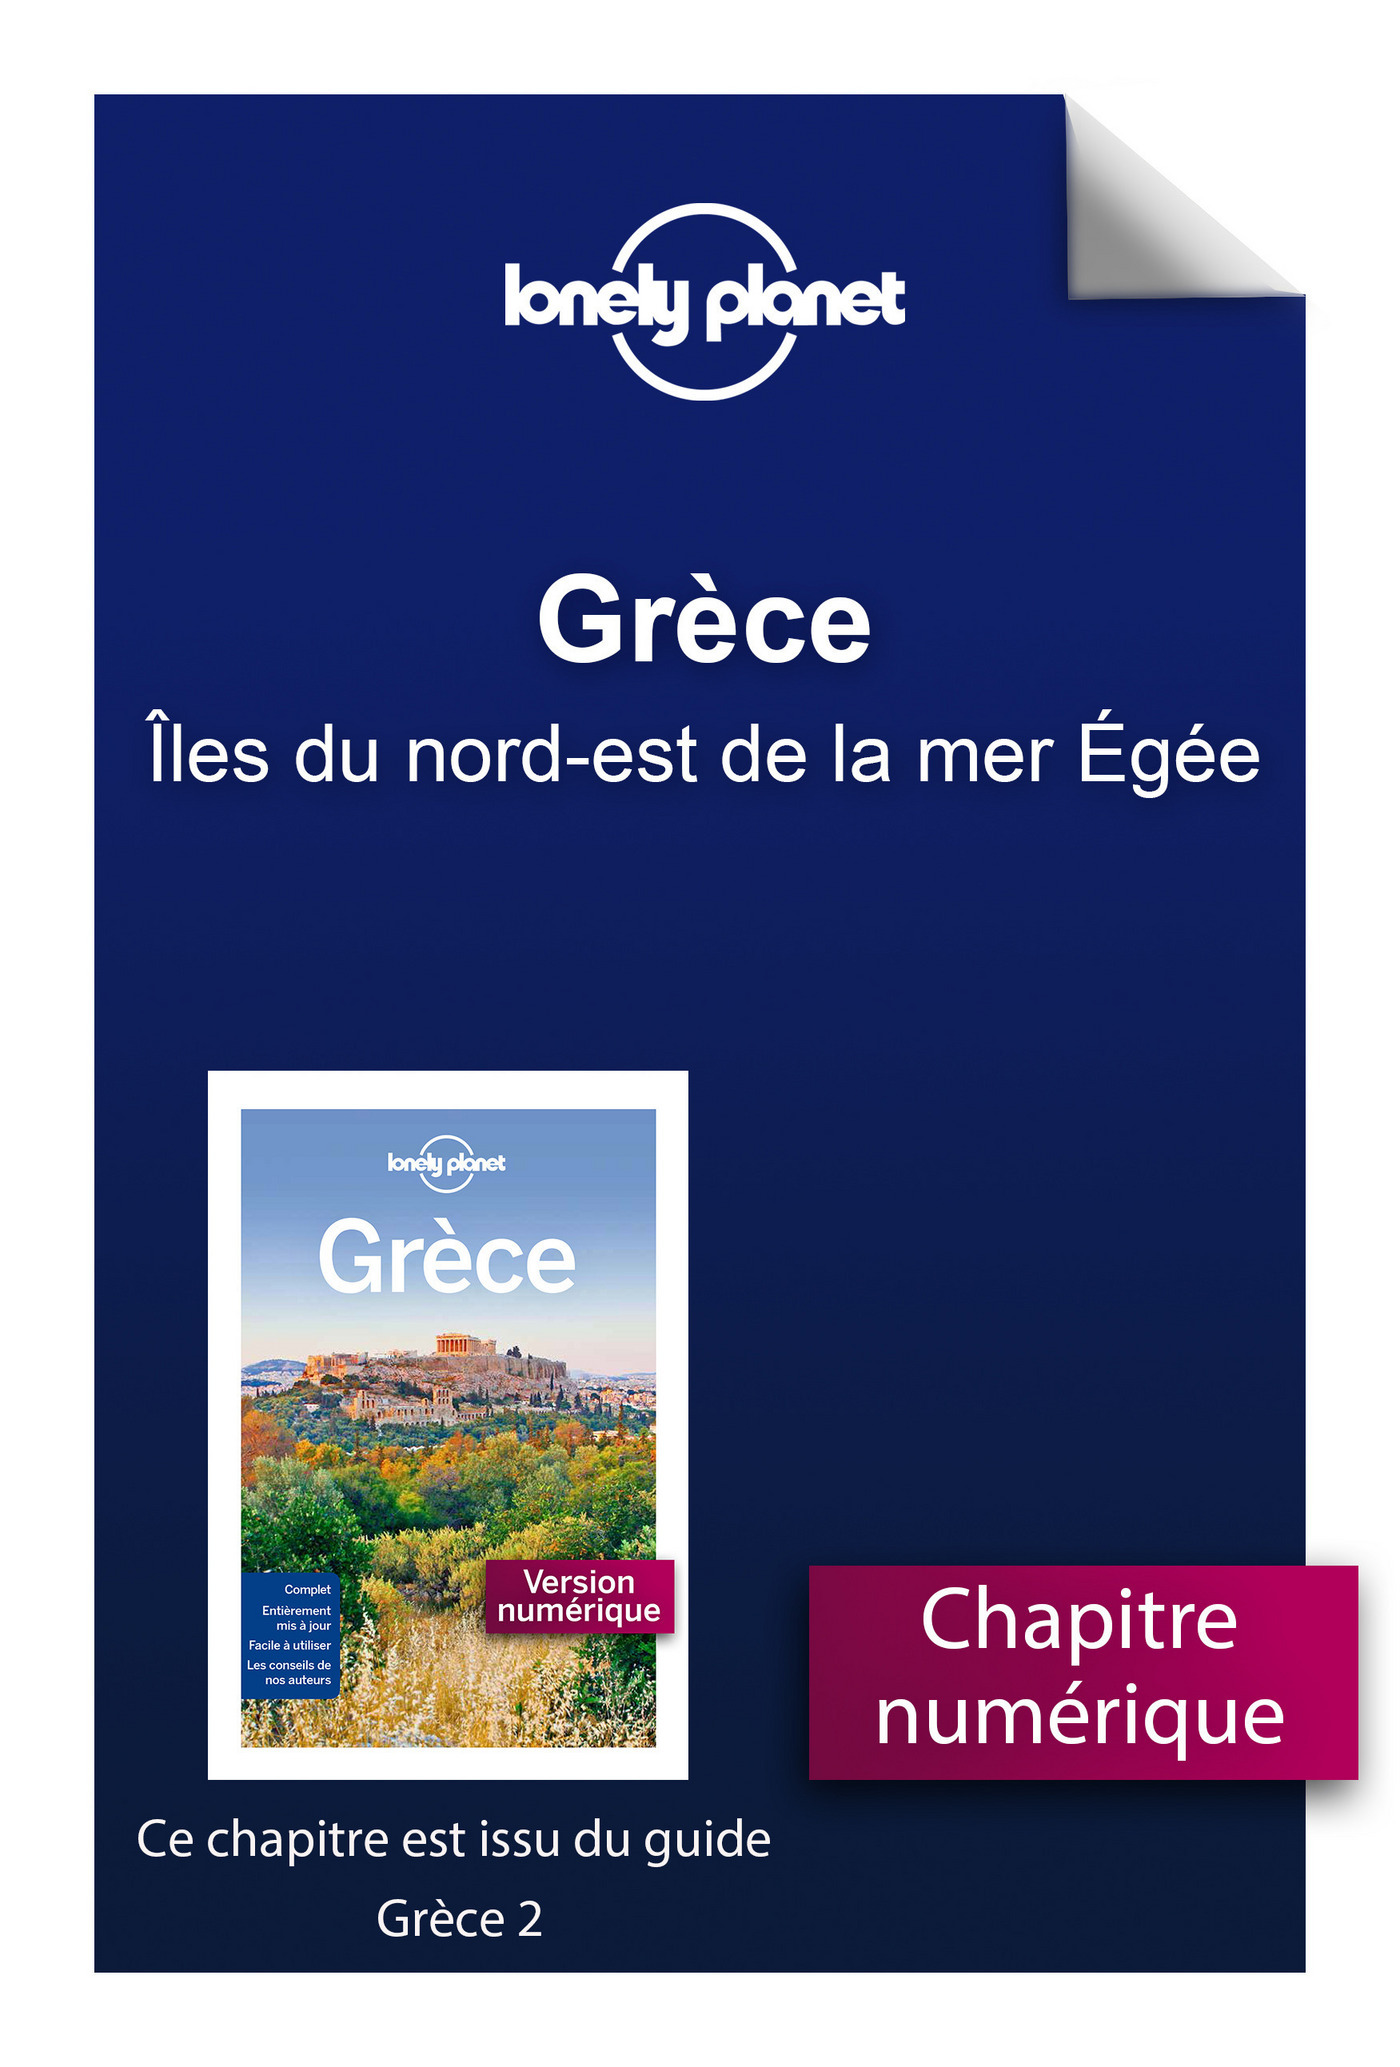 Grèce - Îles du nord-est de la mer Égée